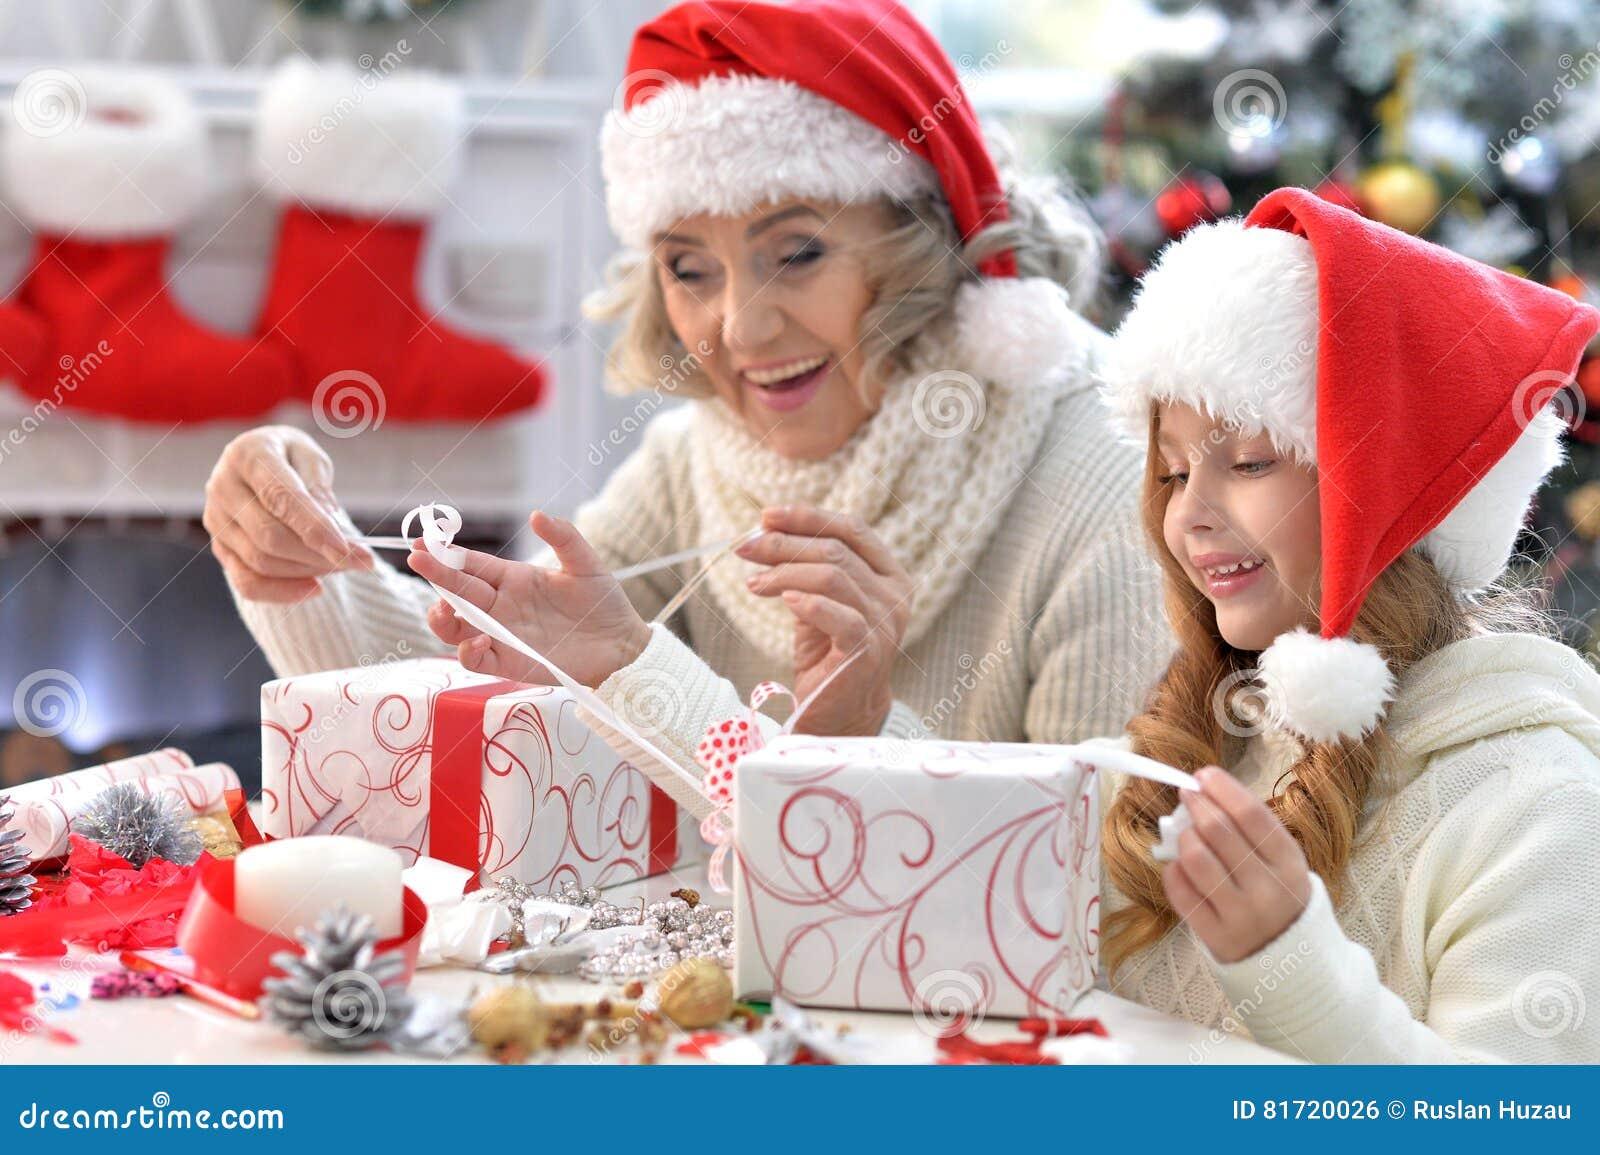 Regali Di Natale Per Le Nonne.Nonna E Bambino Con I Regali Fotografia Stock Immagine Di Ragazza